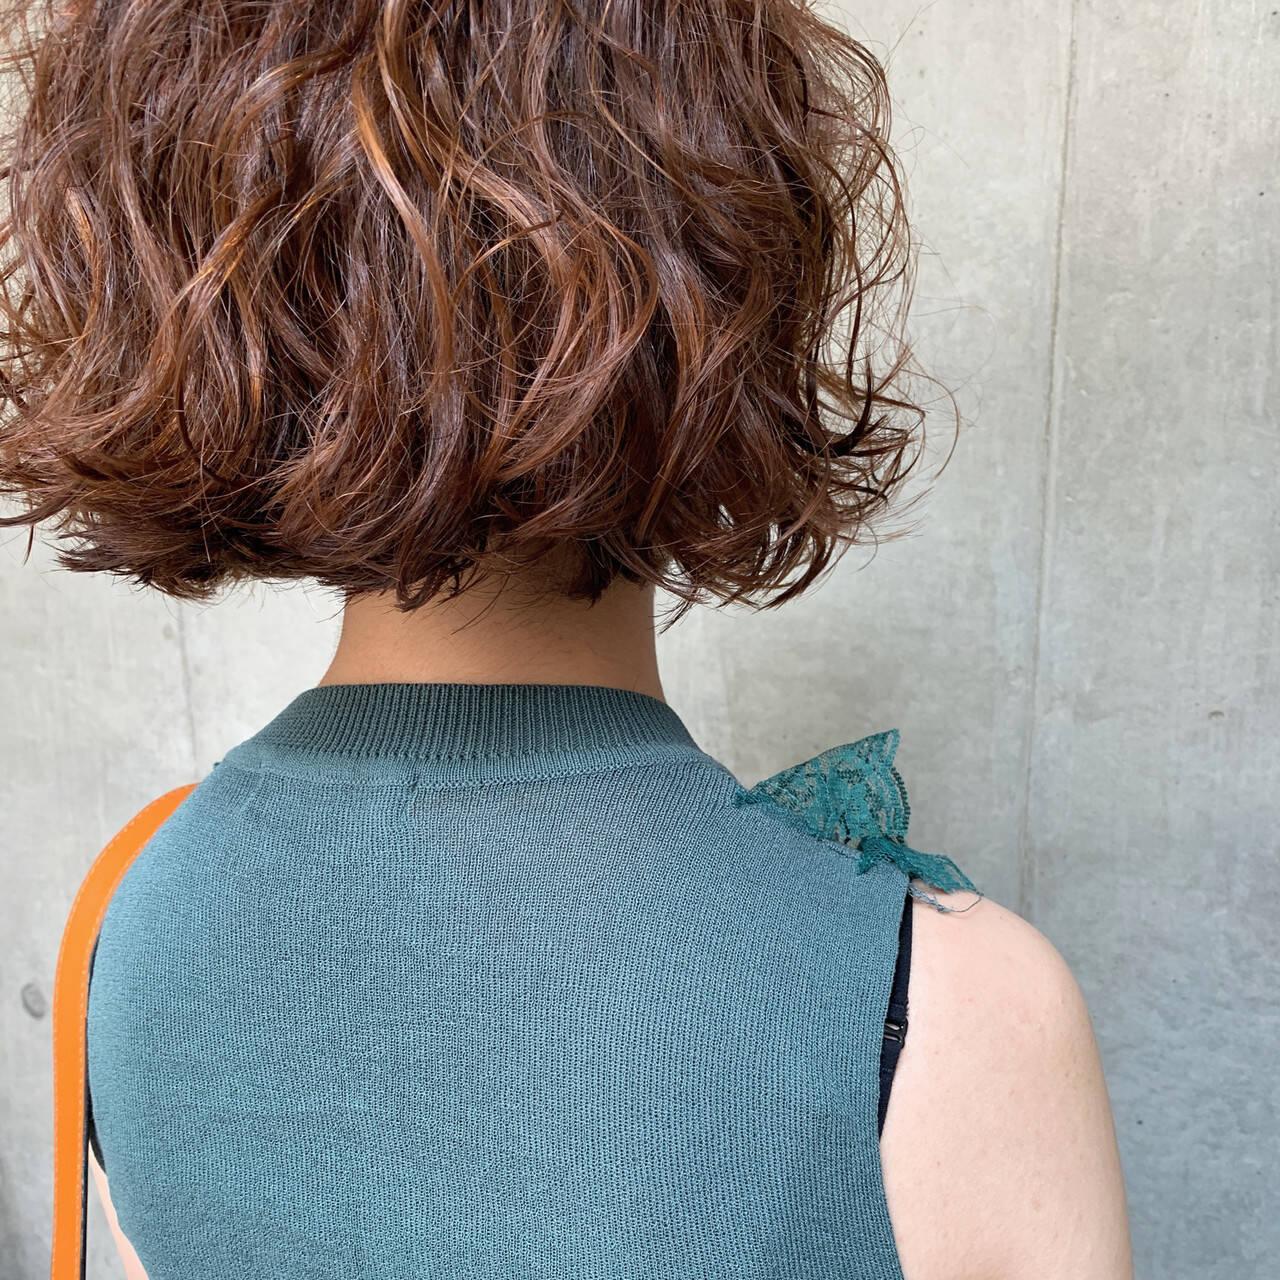 ボブ ヘアアレンジ デート パーマヘアスタイルや髪型の写真・画像